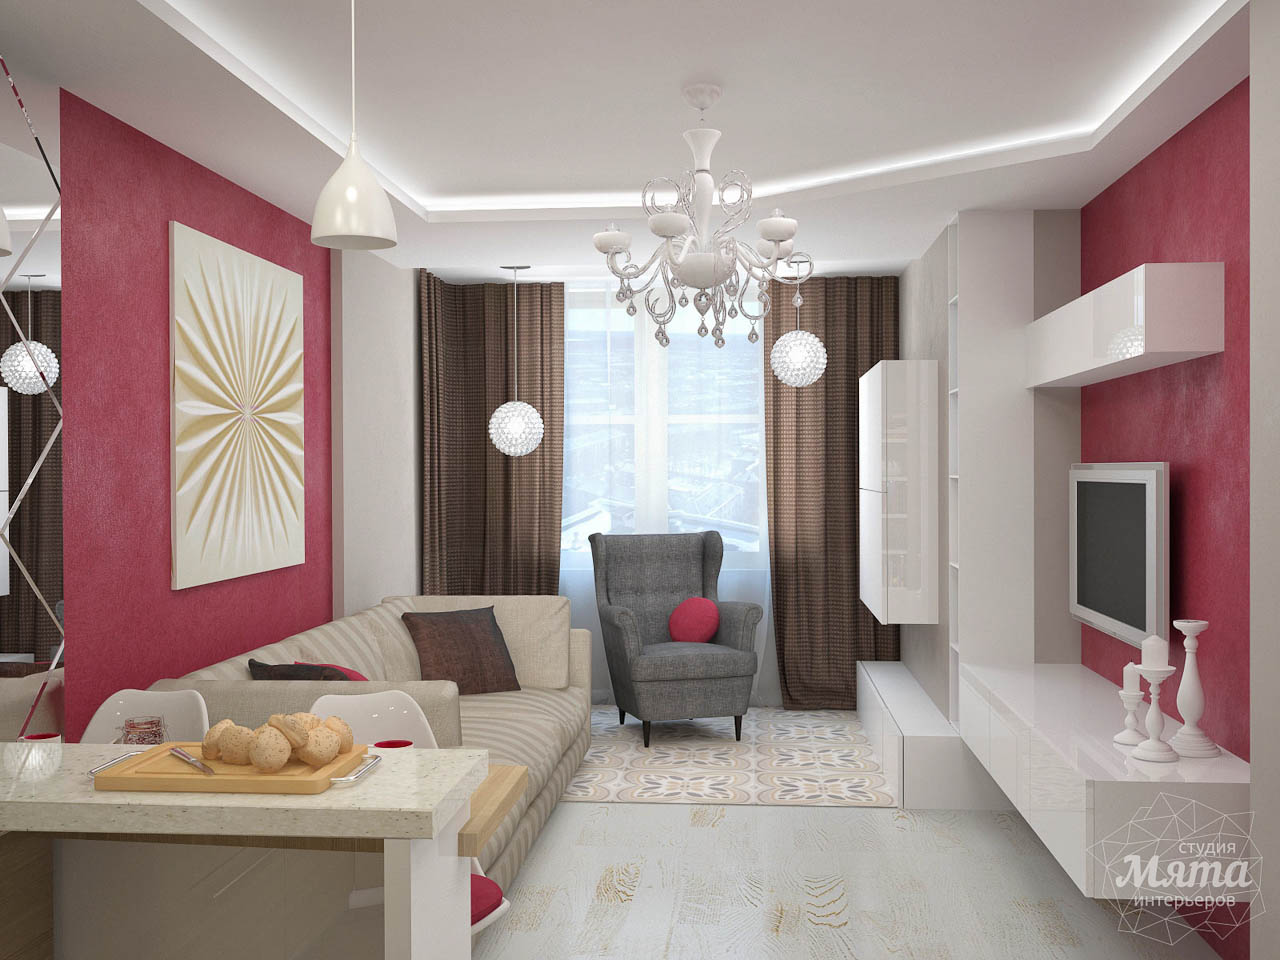 Дизайн интерьера и ремонт трехкомнатной квартиры по ул. Фучика 9 img1868379927